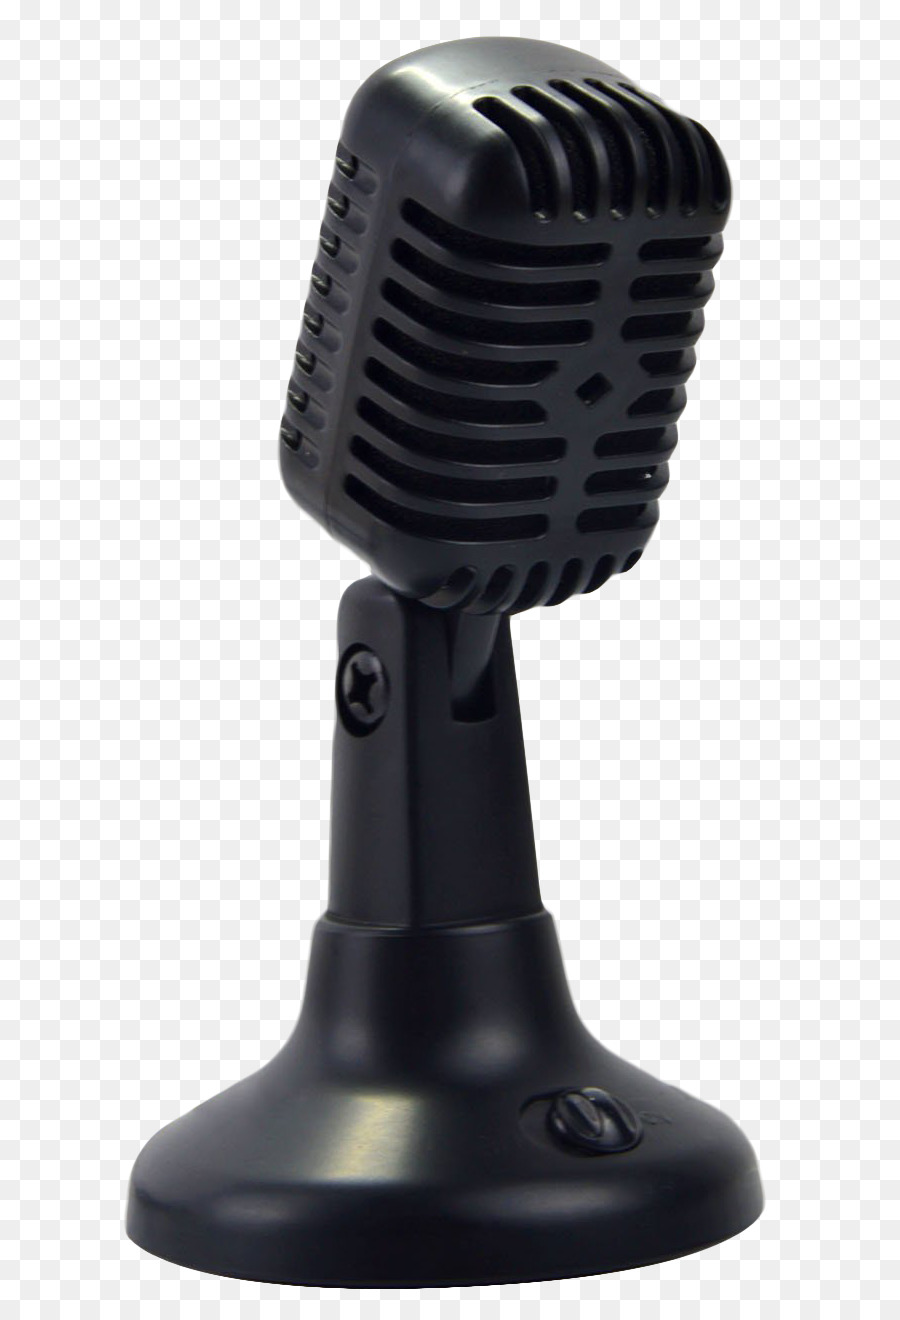 Descarga gratuita de Micrófono, Soporte De Micrófono, Sonido Imágen de Png